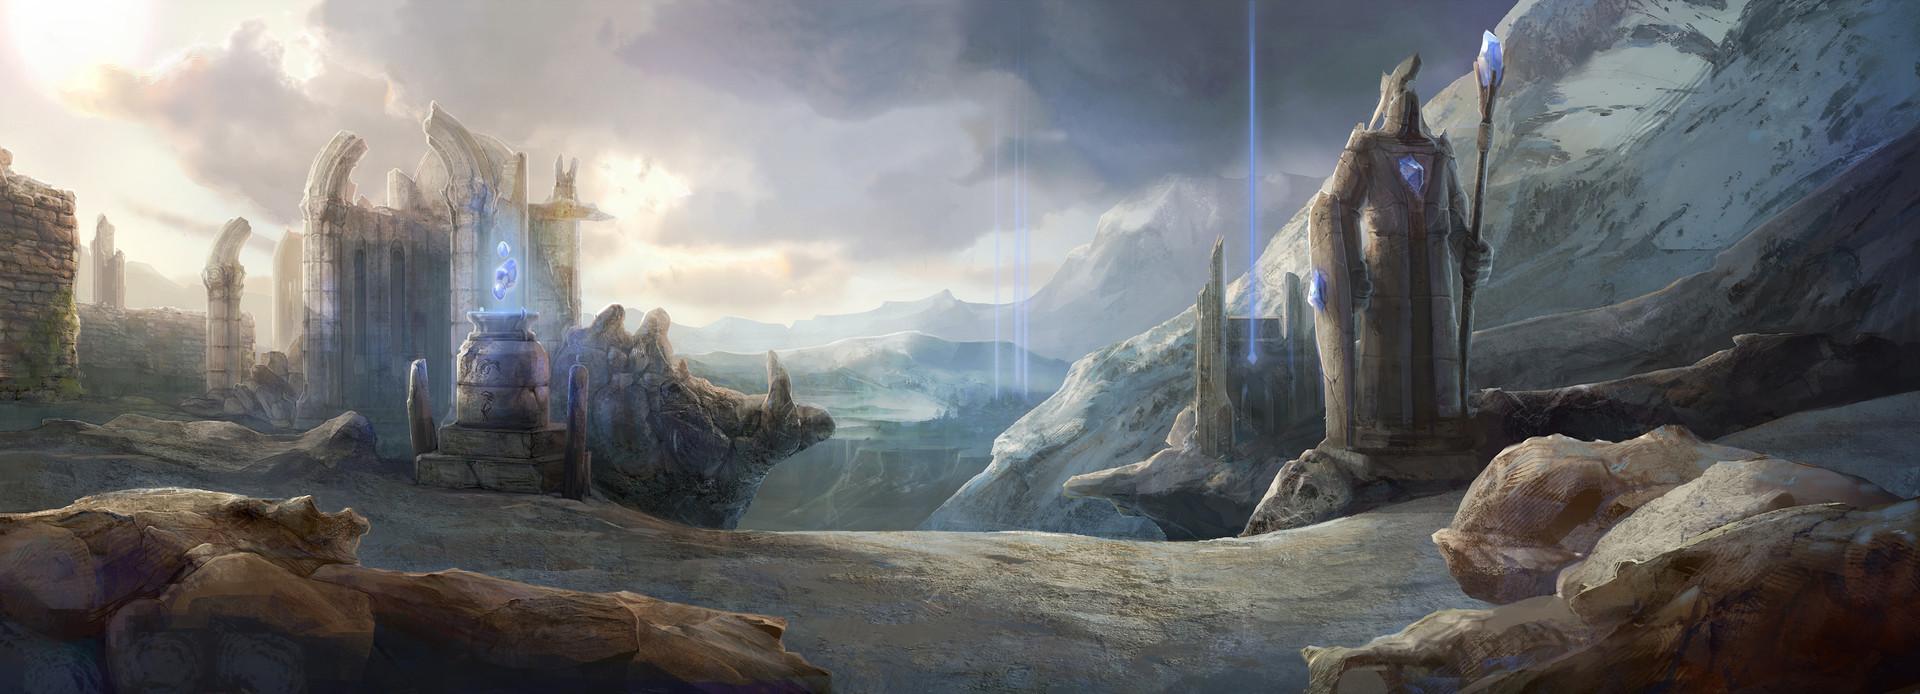 Valoran Mountains wallpaper